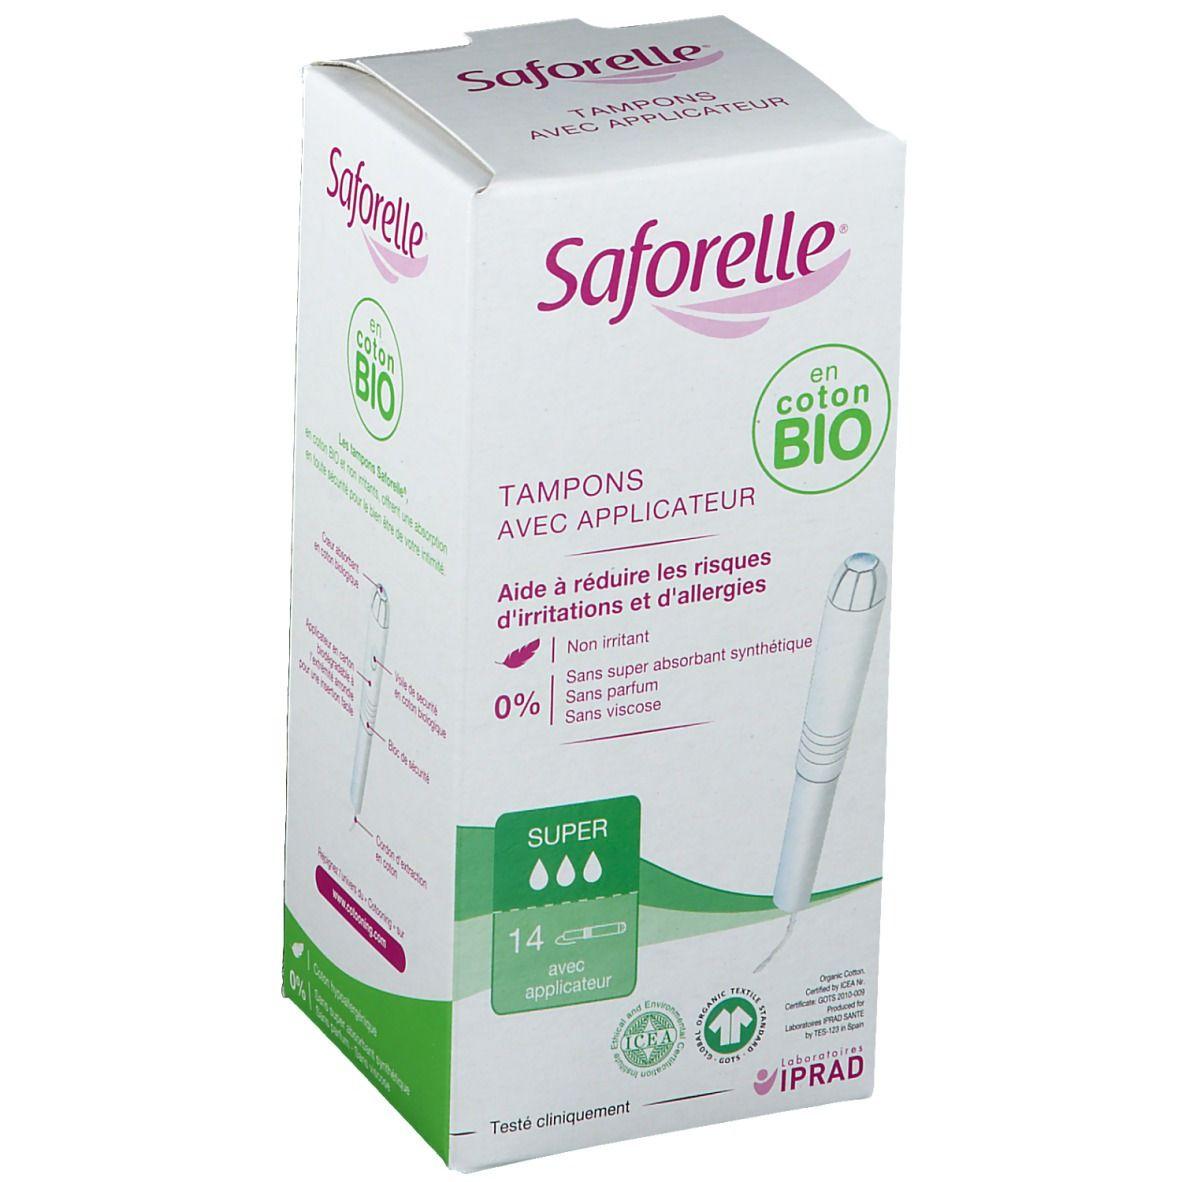 Saforelle® Tampon avec applicateur Coton BIO pc(s) bandage(s)